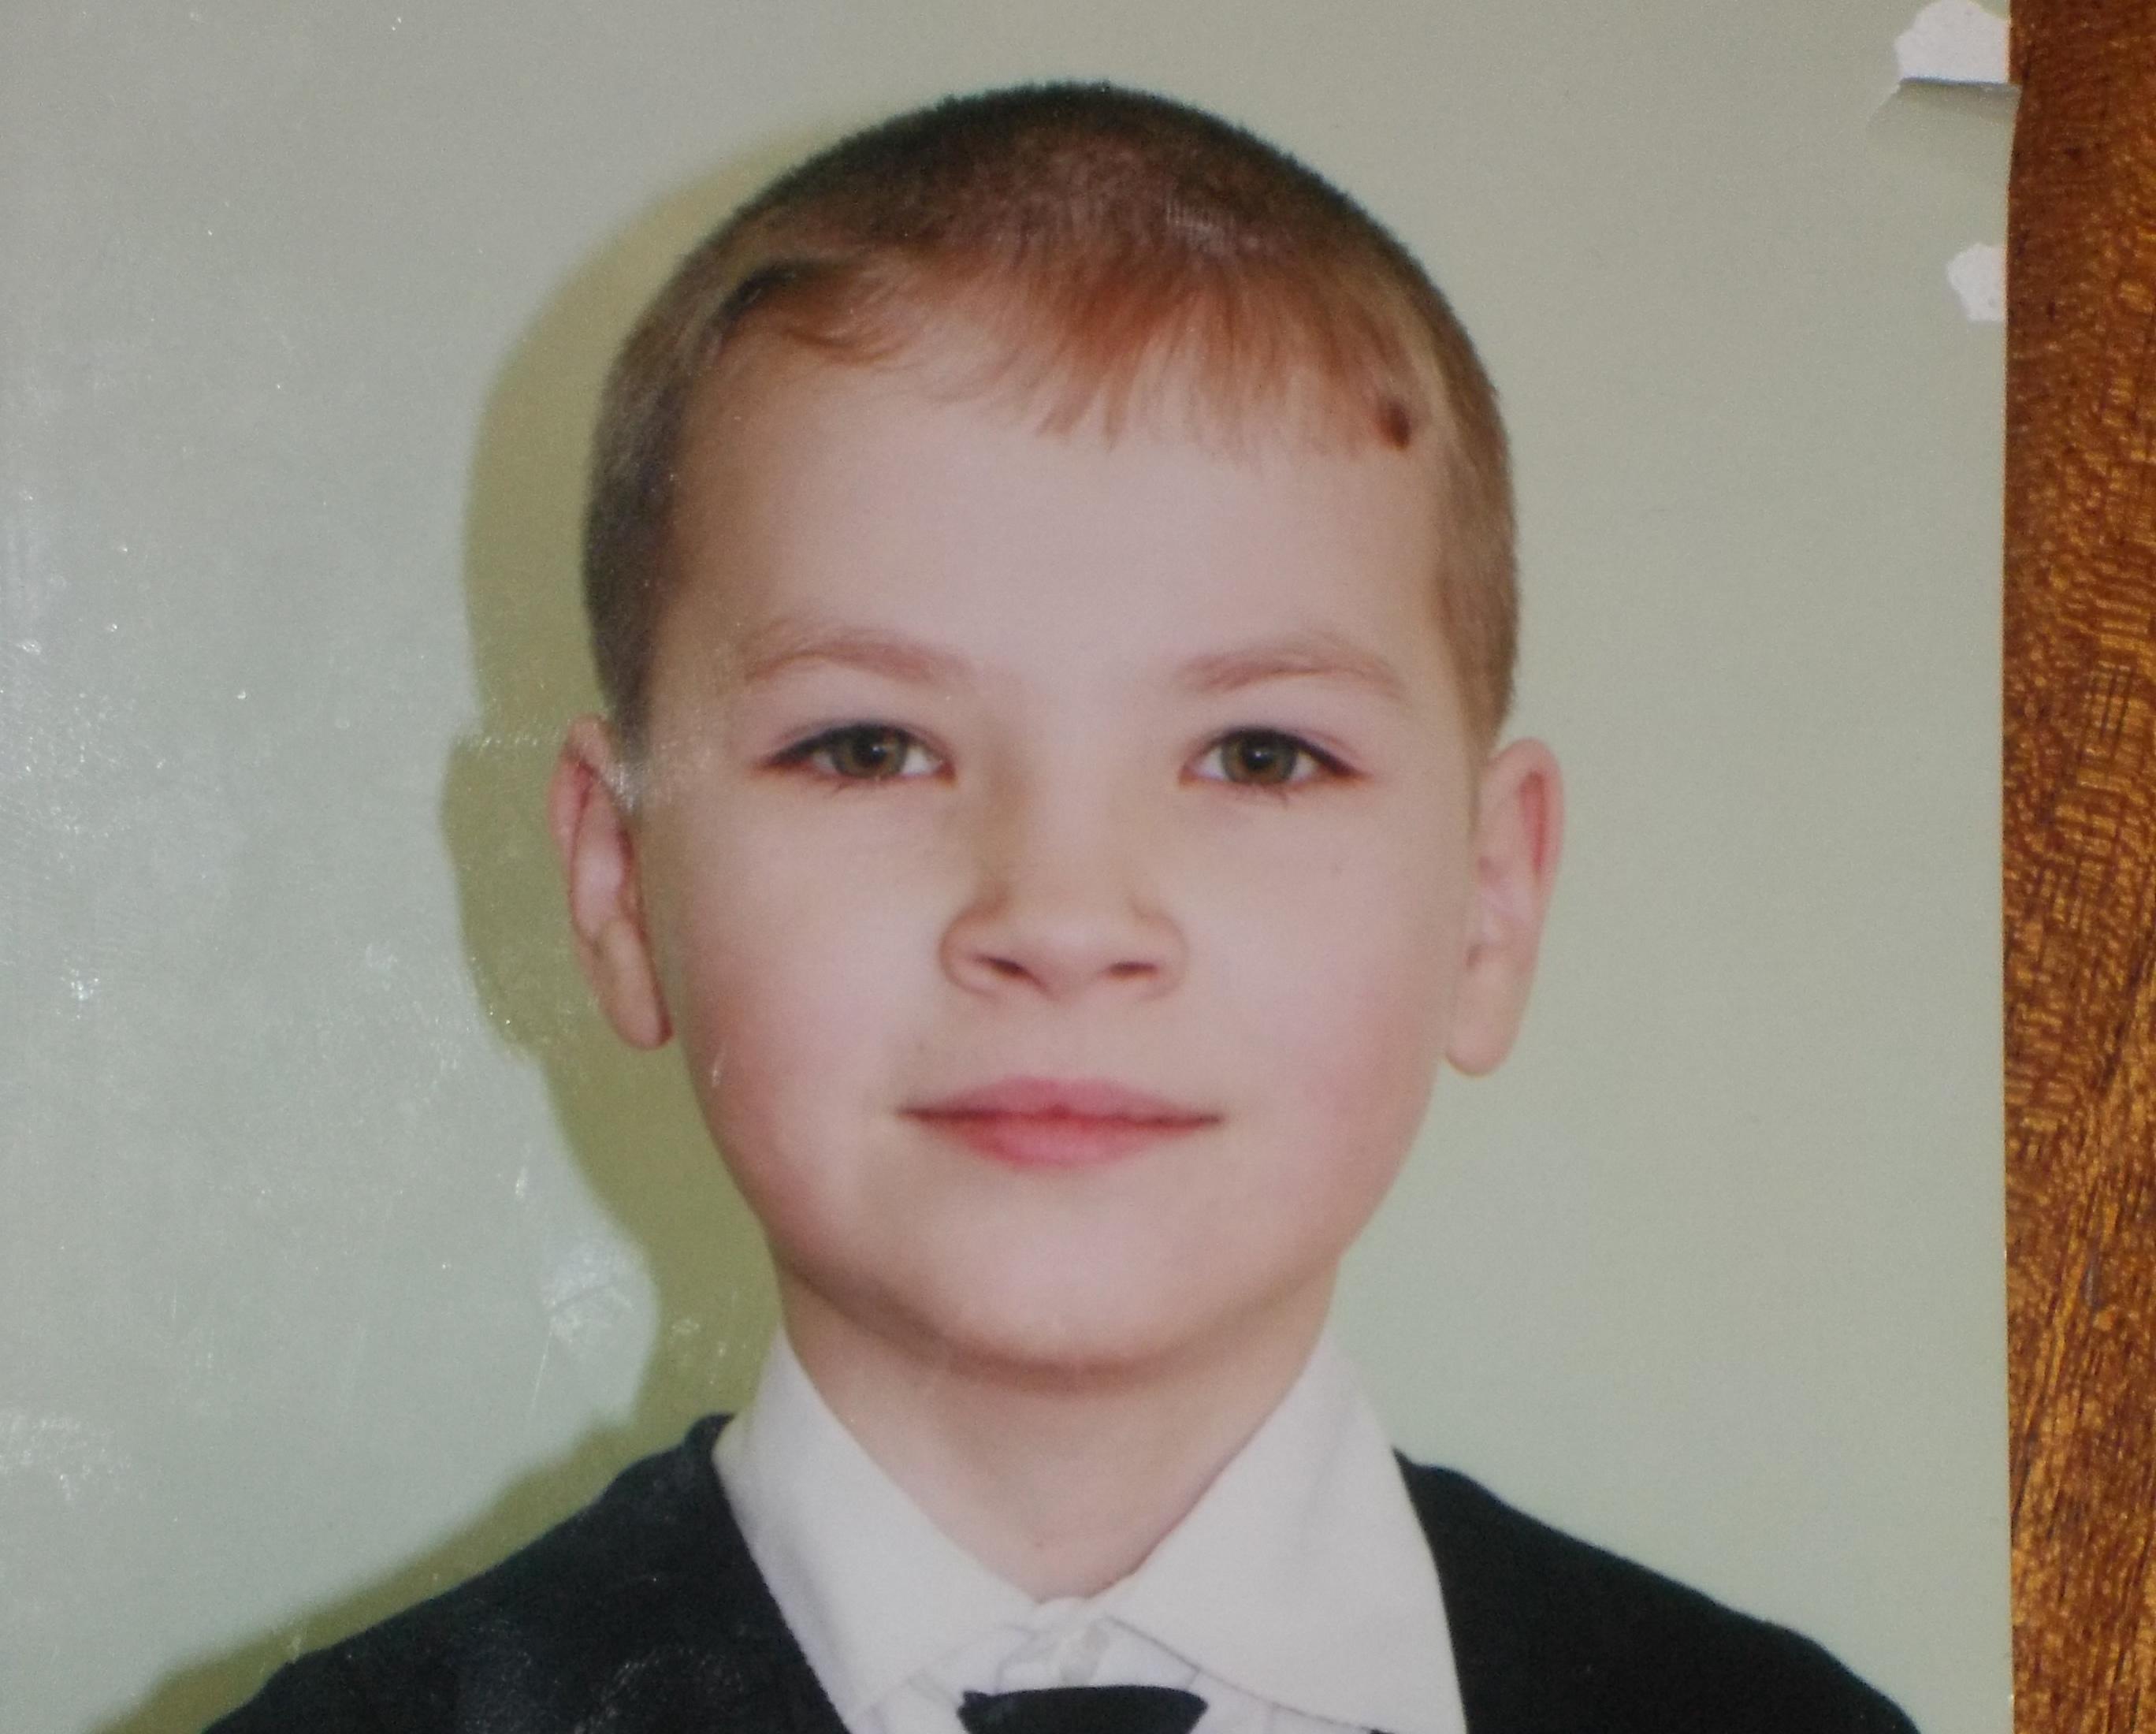 Розыск: в Екатеринбурге пропал 11-летний школьник